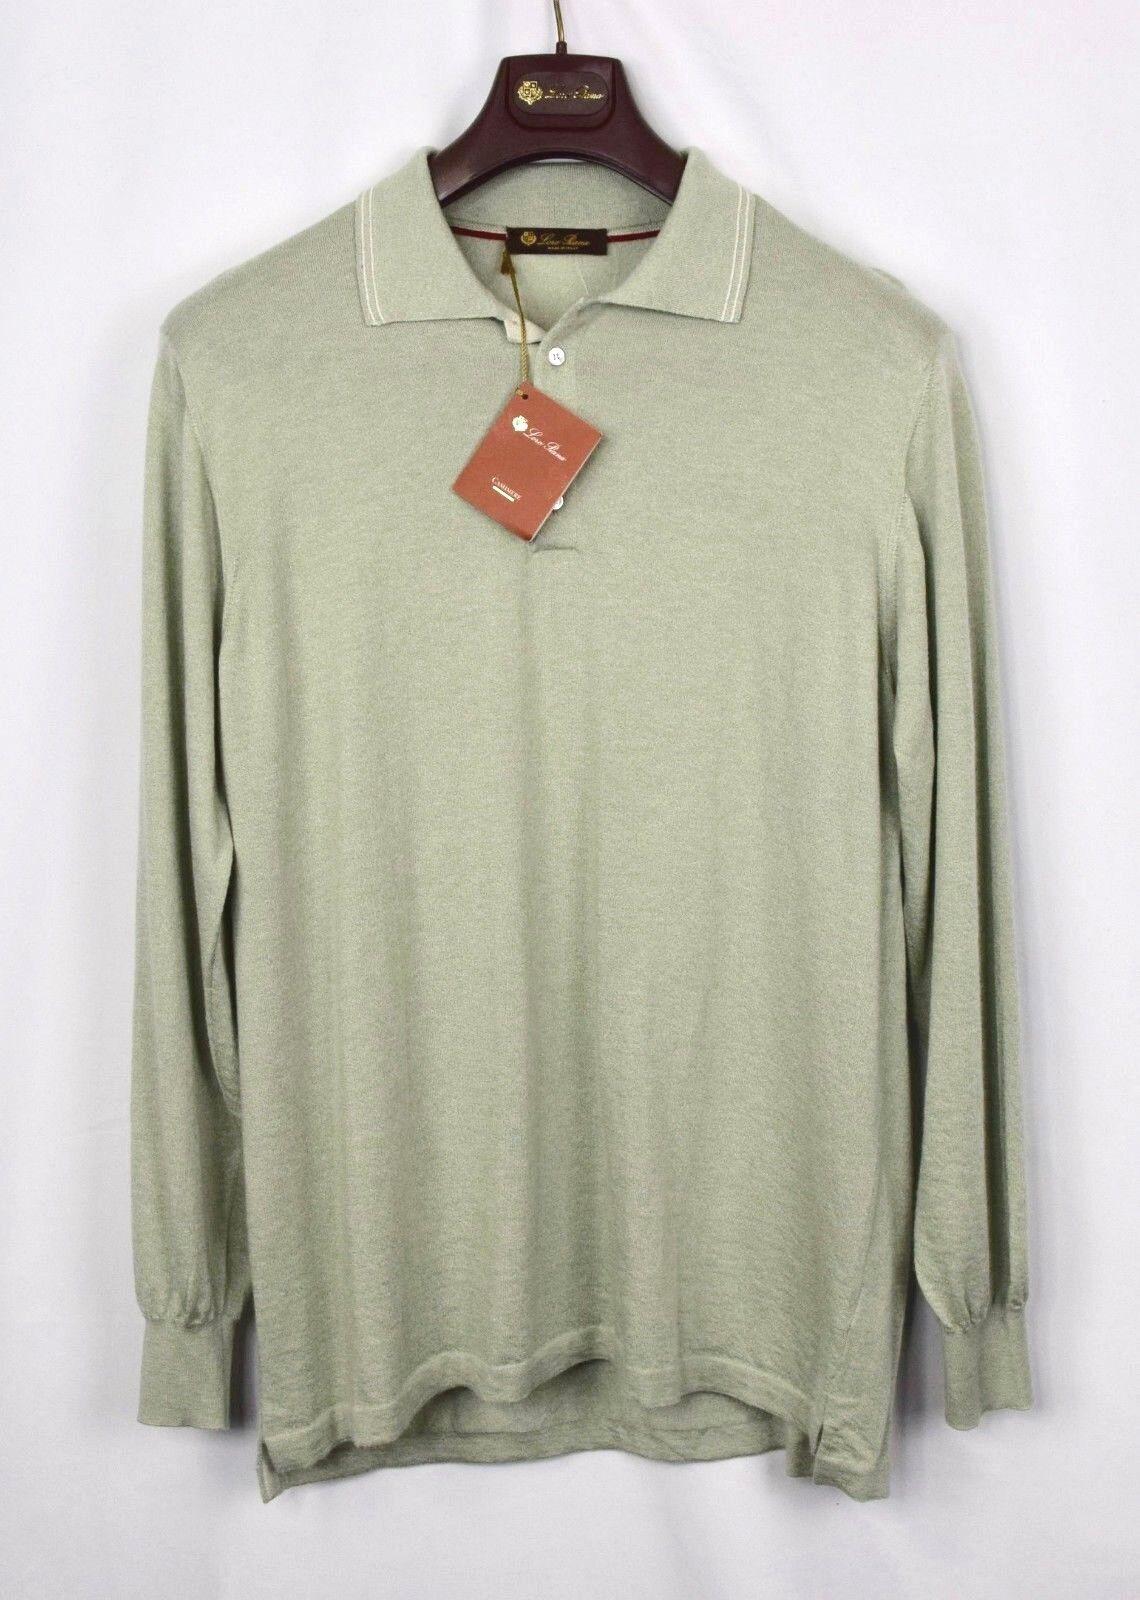 1295 NWT - LORO PIANA 100% CASHMERE Polo Sweater -Light Grün - 58 XXL